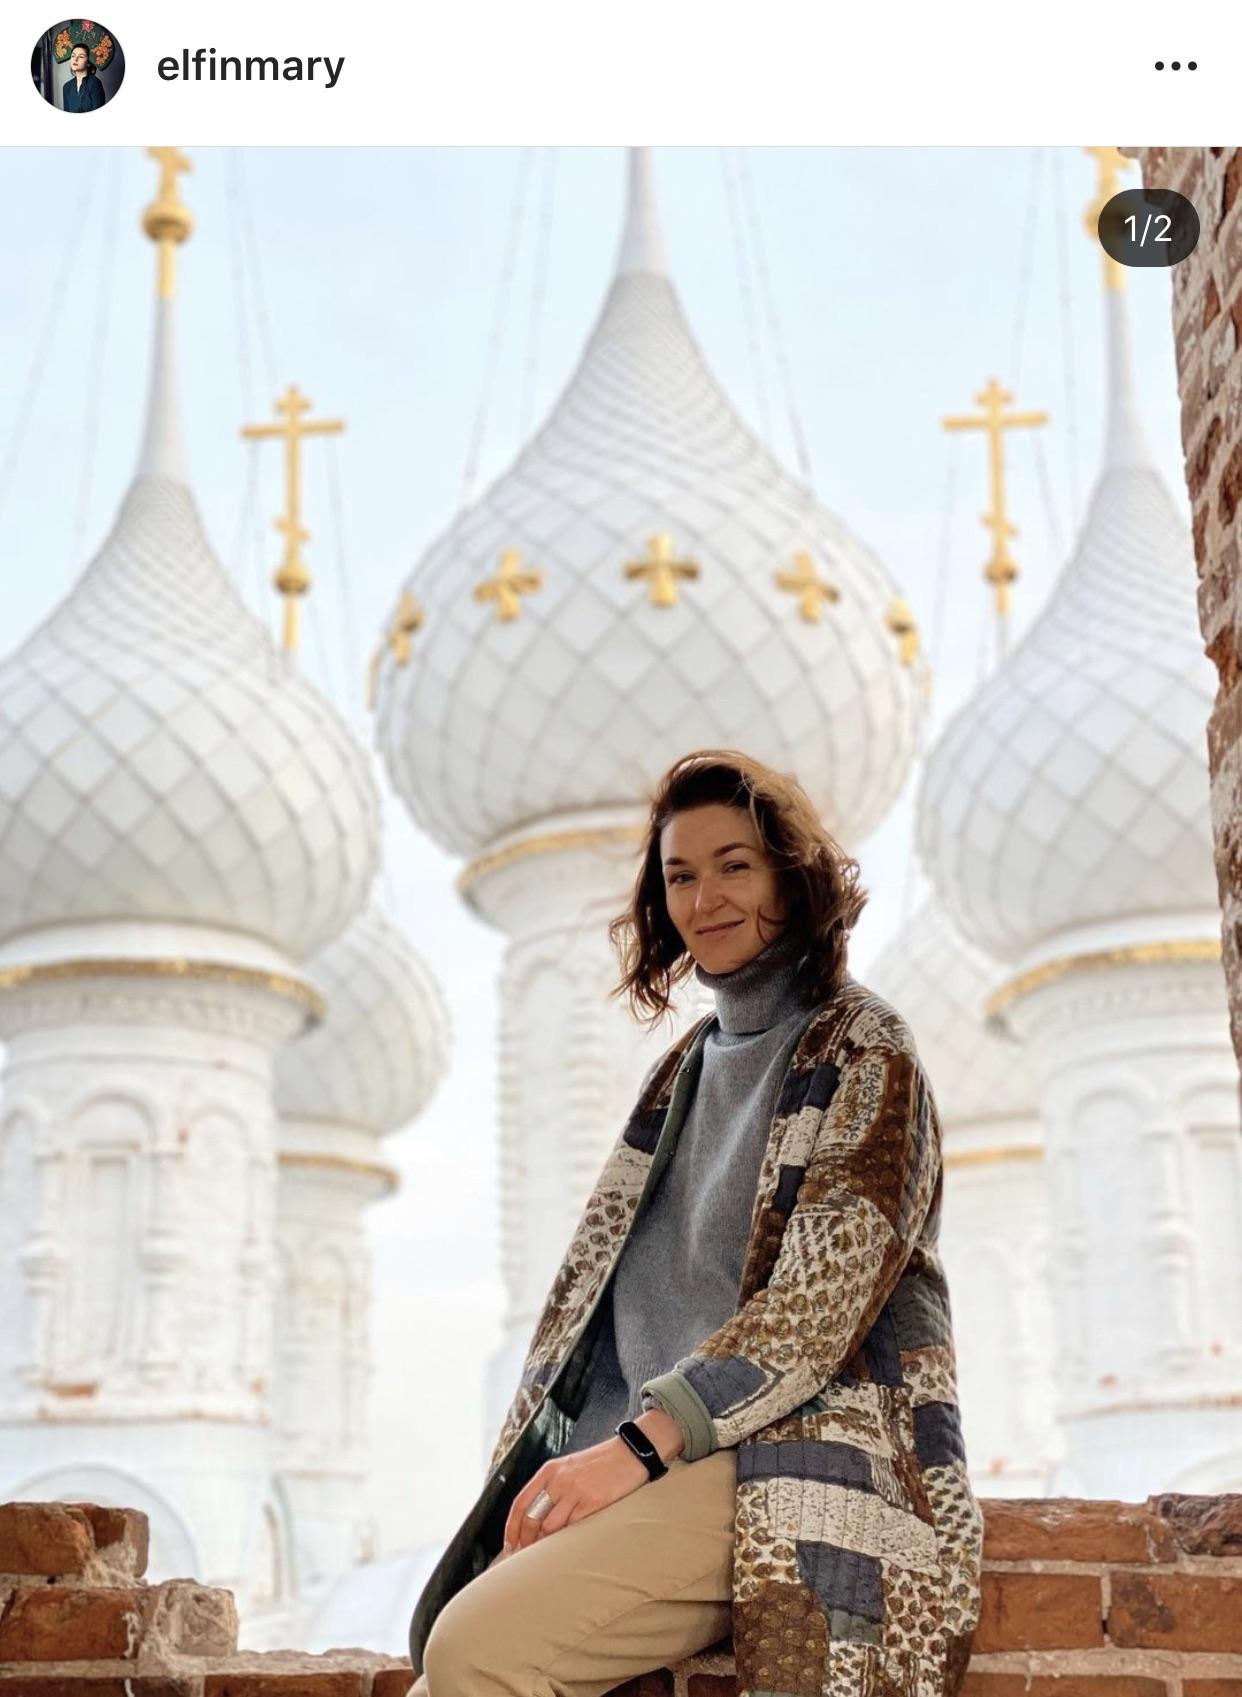 Мария Апалькова @elfinmary - художник. Блог как визуальные народные сказки 2020 года.  А роскошные белые башни и купола - это церковь в селе Дунилово Ивановской области.